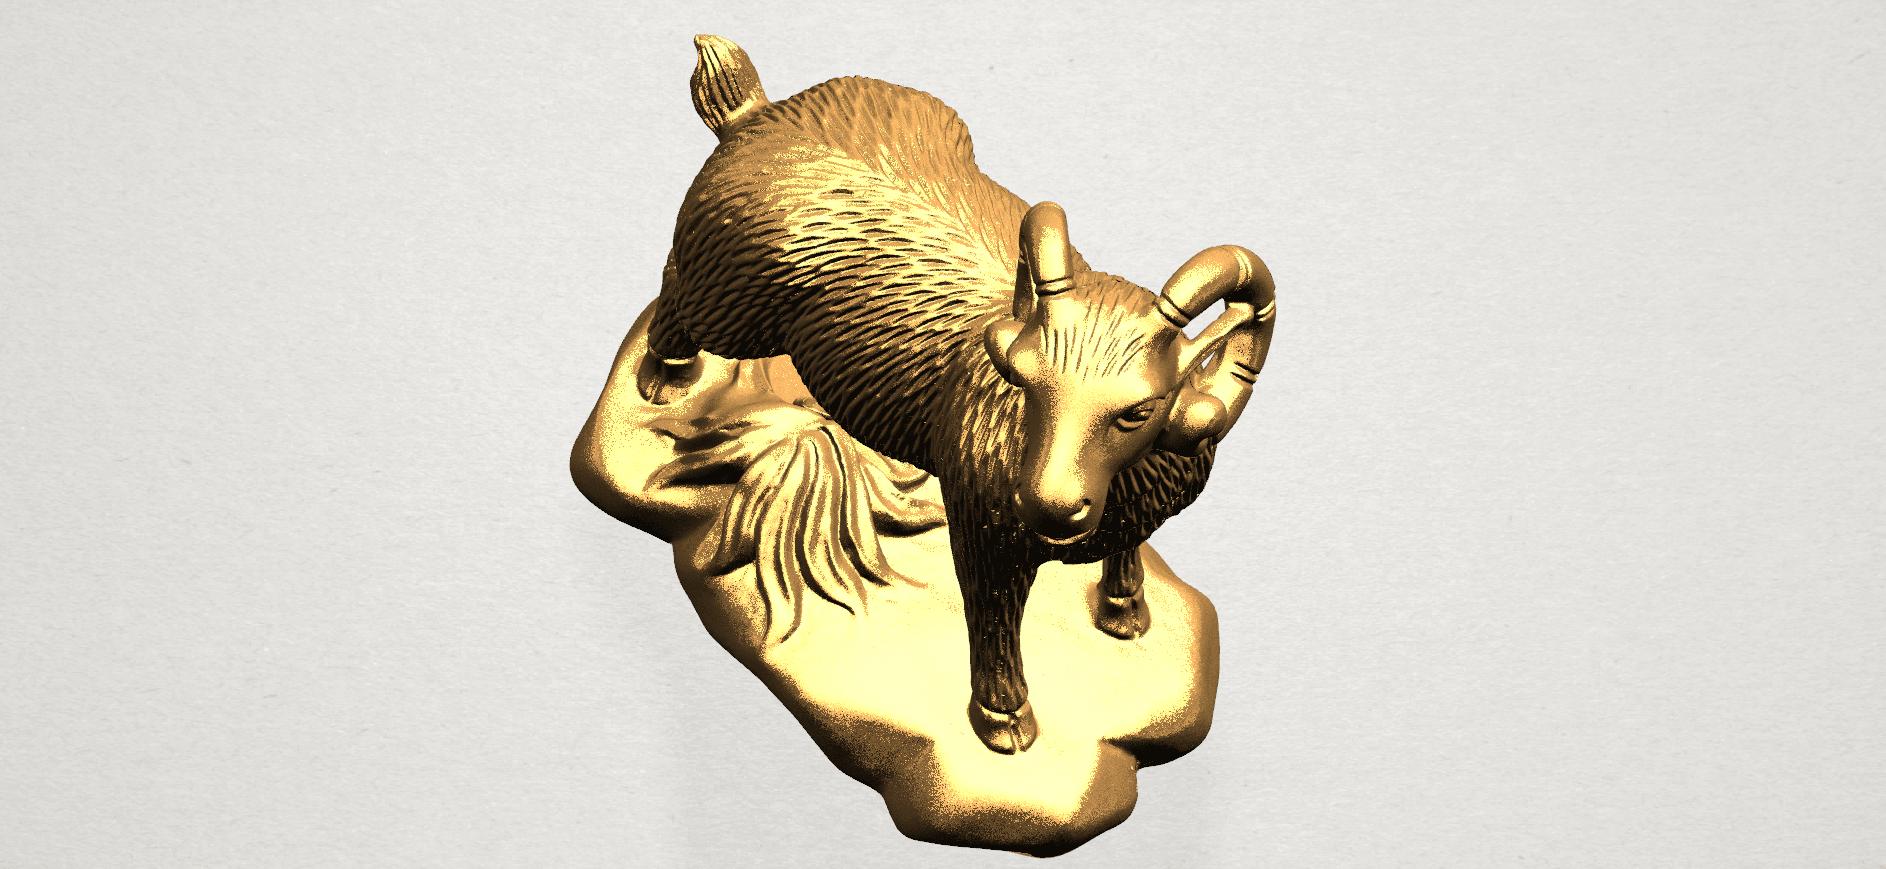 Chinese Horoscope08-B04.png Télécharger fichier STL gratuit Horoscope Chinois 08 Chèvre 08 Chèvre • Design pour imprimante 3D, GeorgesNikkei